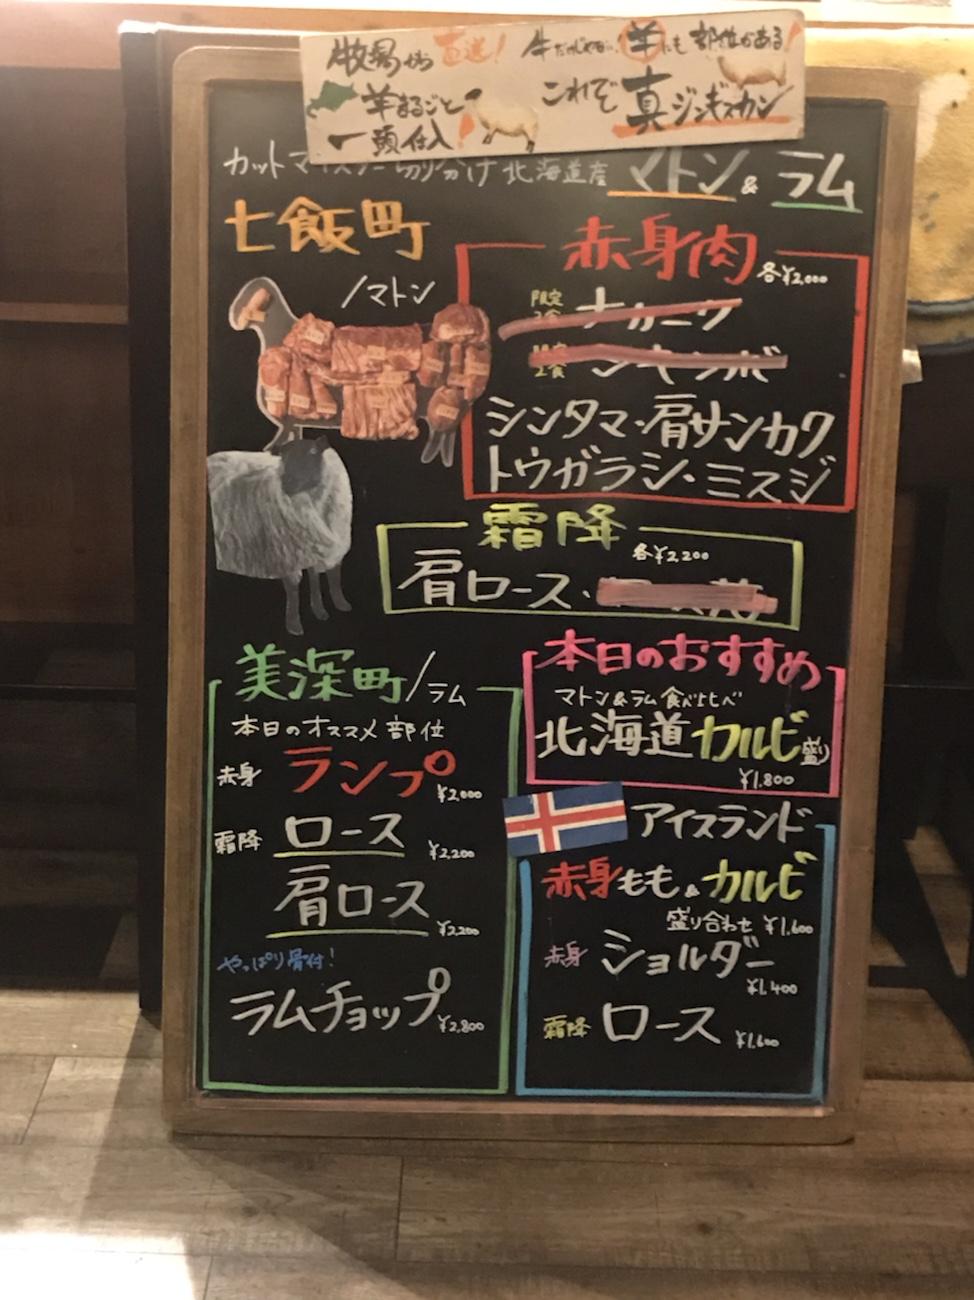 北海道産ひつじ肉 炭火兜ひつじ メニュー すすきのジンギスカンおすすめ